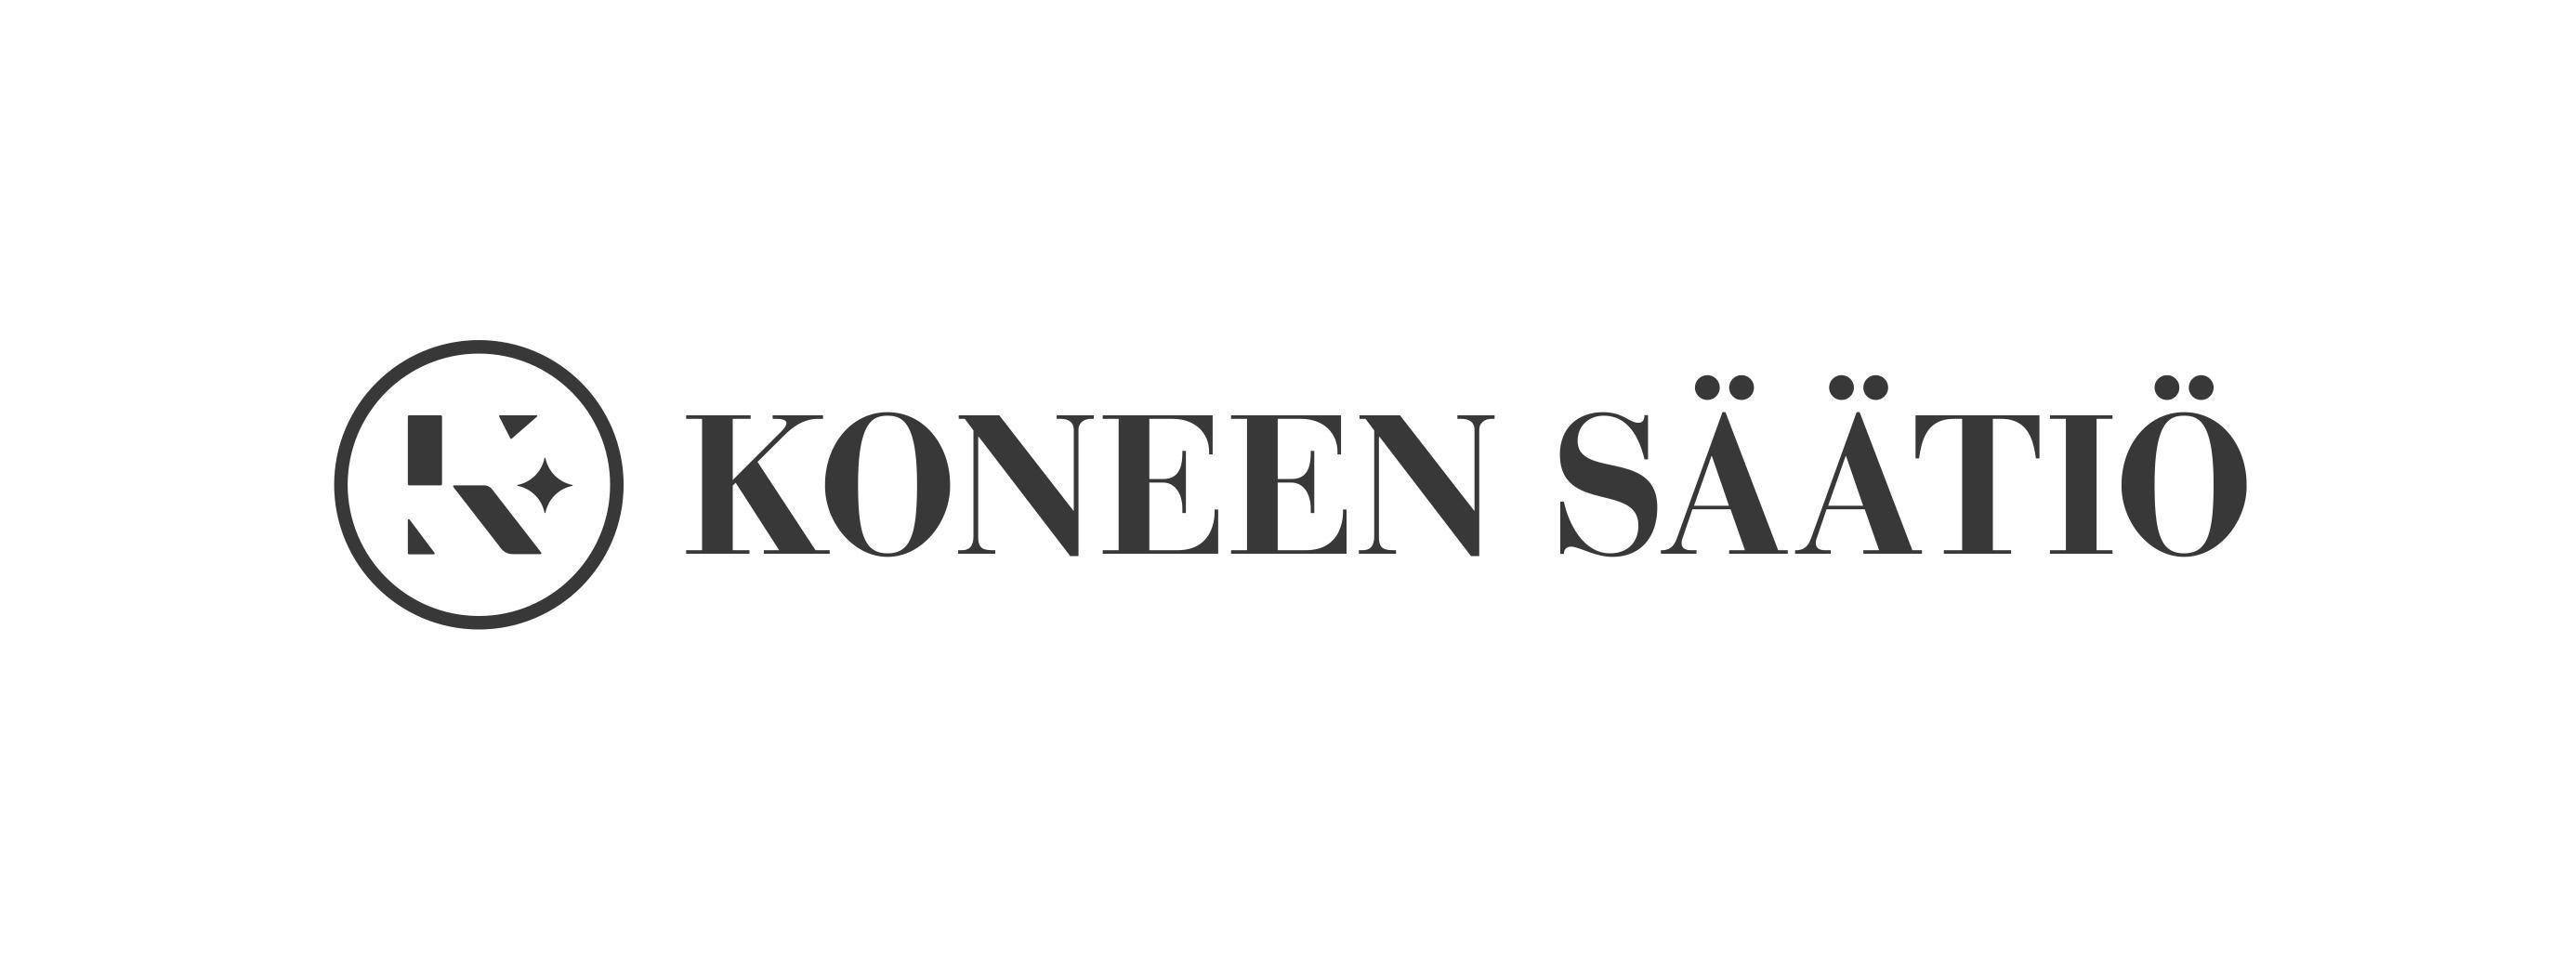 https://i1.wp.com/www.koneensaatio.fi/wp-content/uploads/Musta-Koneensaatio-logo1.jpg